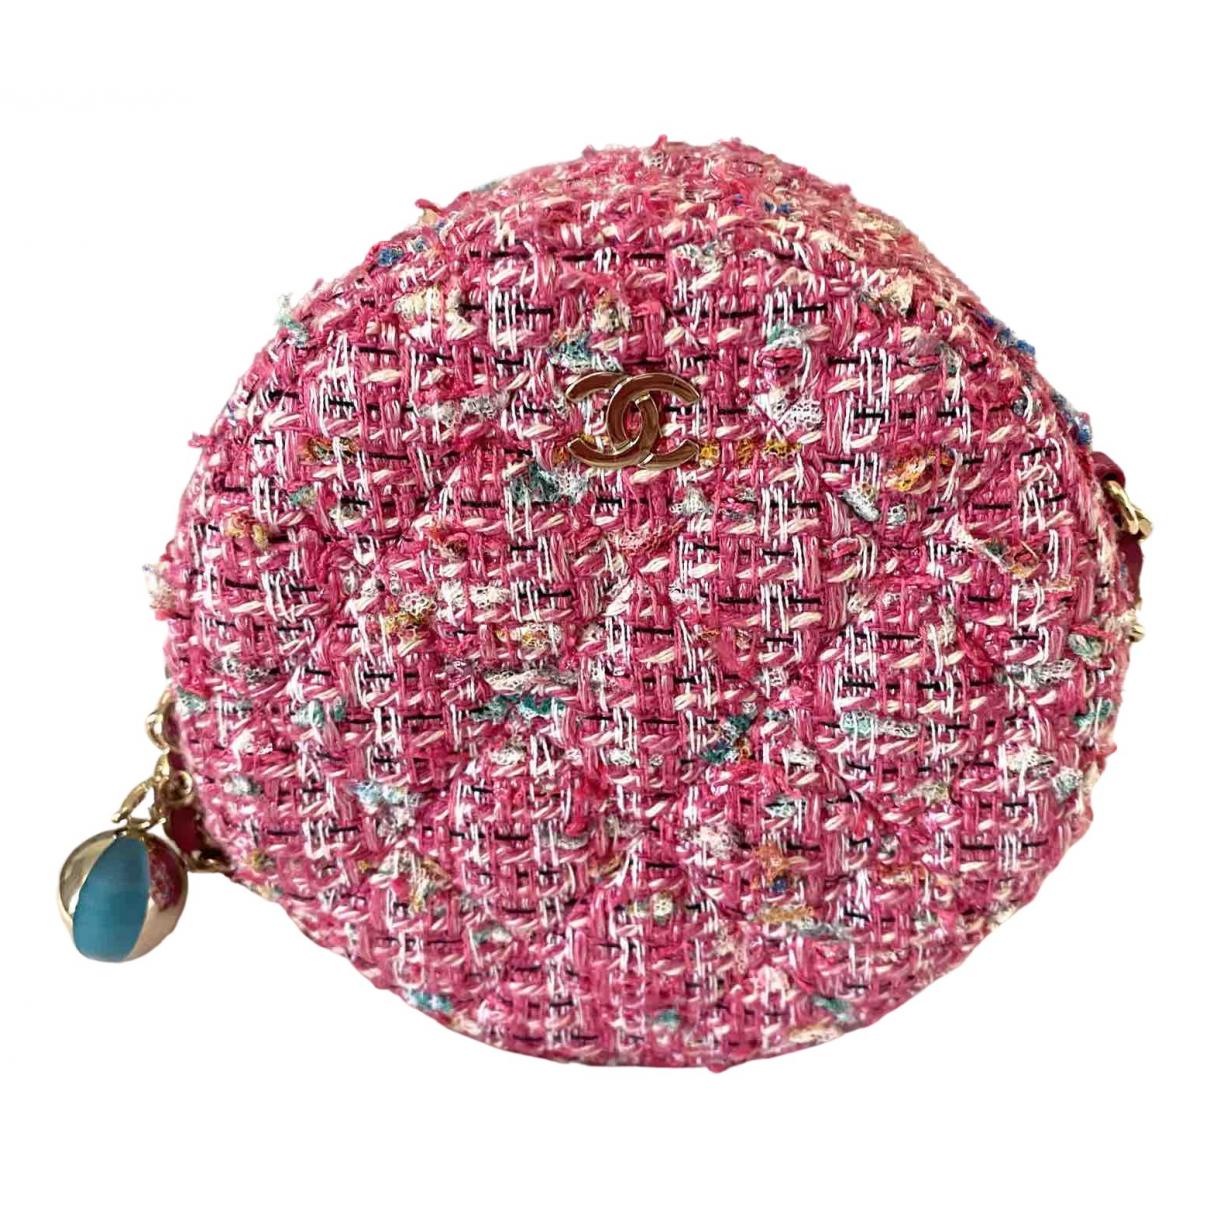 Chanel N Pink Tweed handbag for Women N